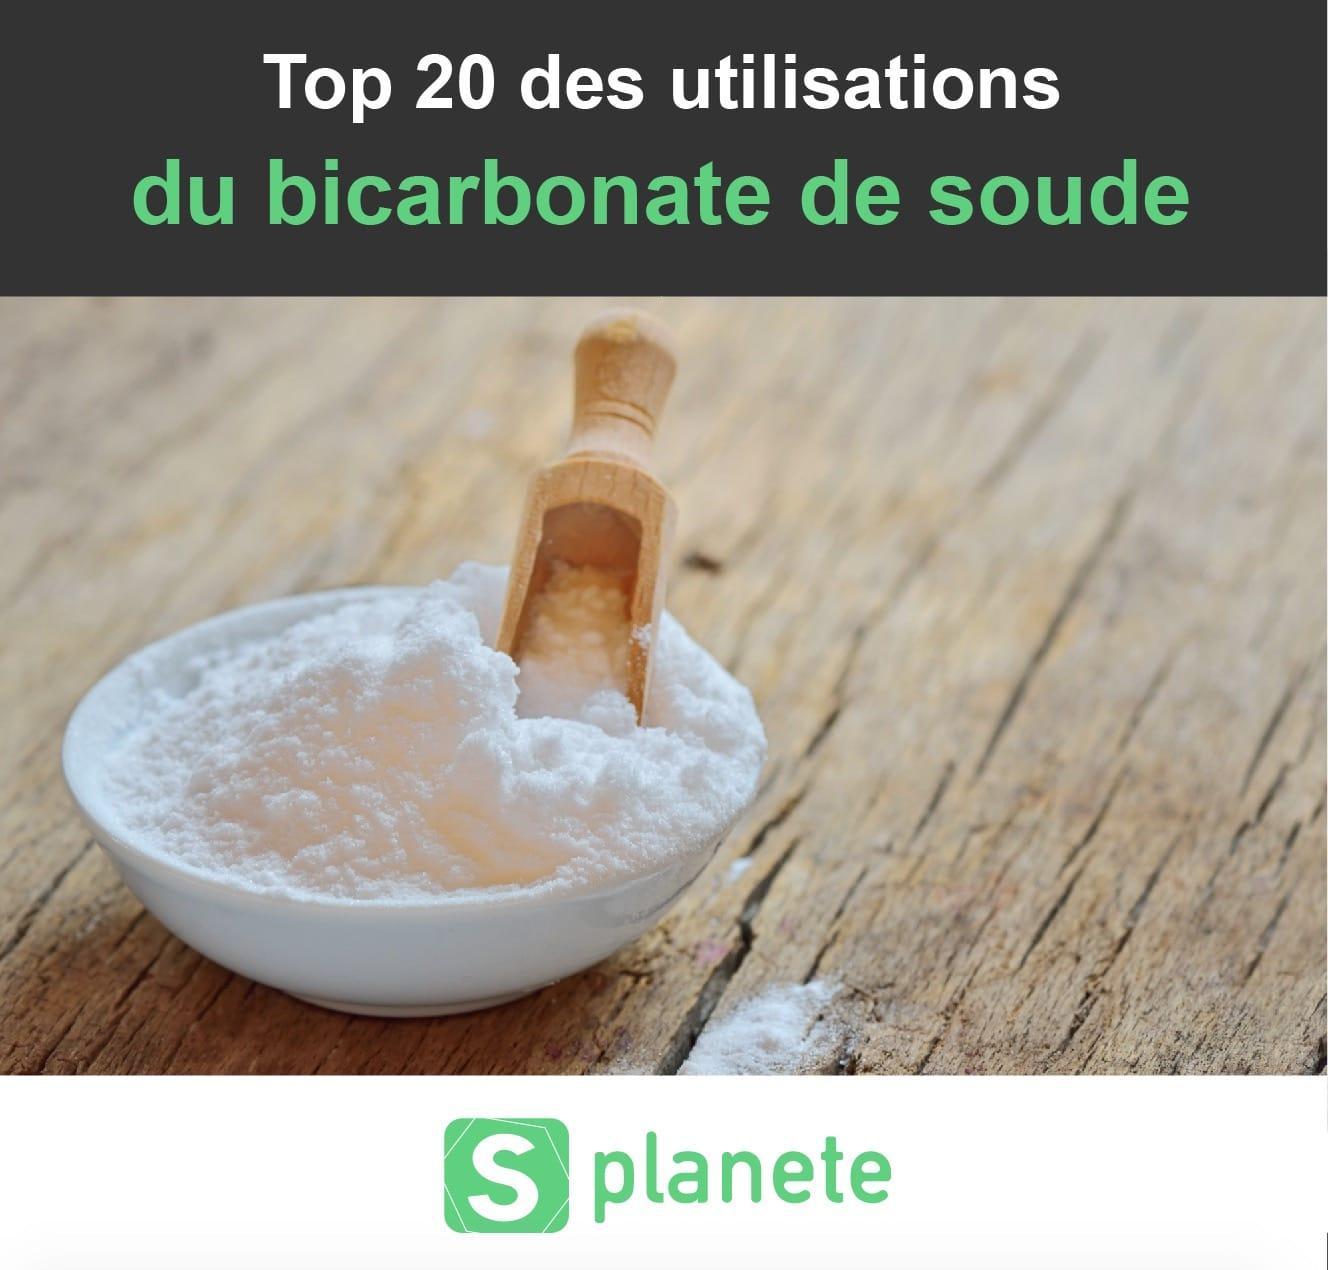 Bicarbonate De Soude Contre Les Pucerons terre de diatomée - les 13 utilisations miraculeuses